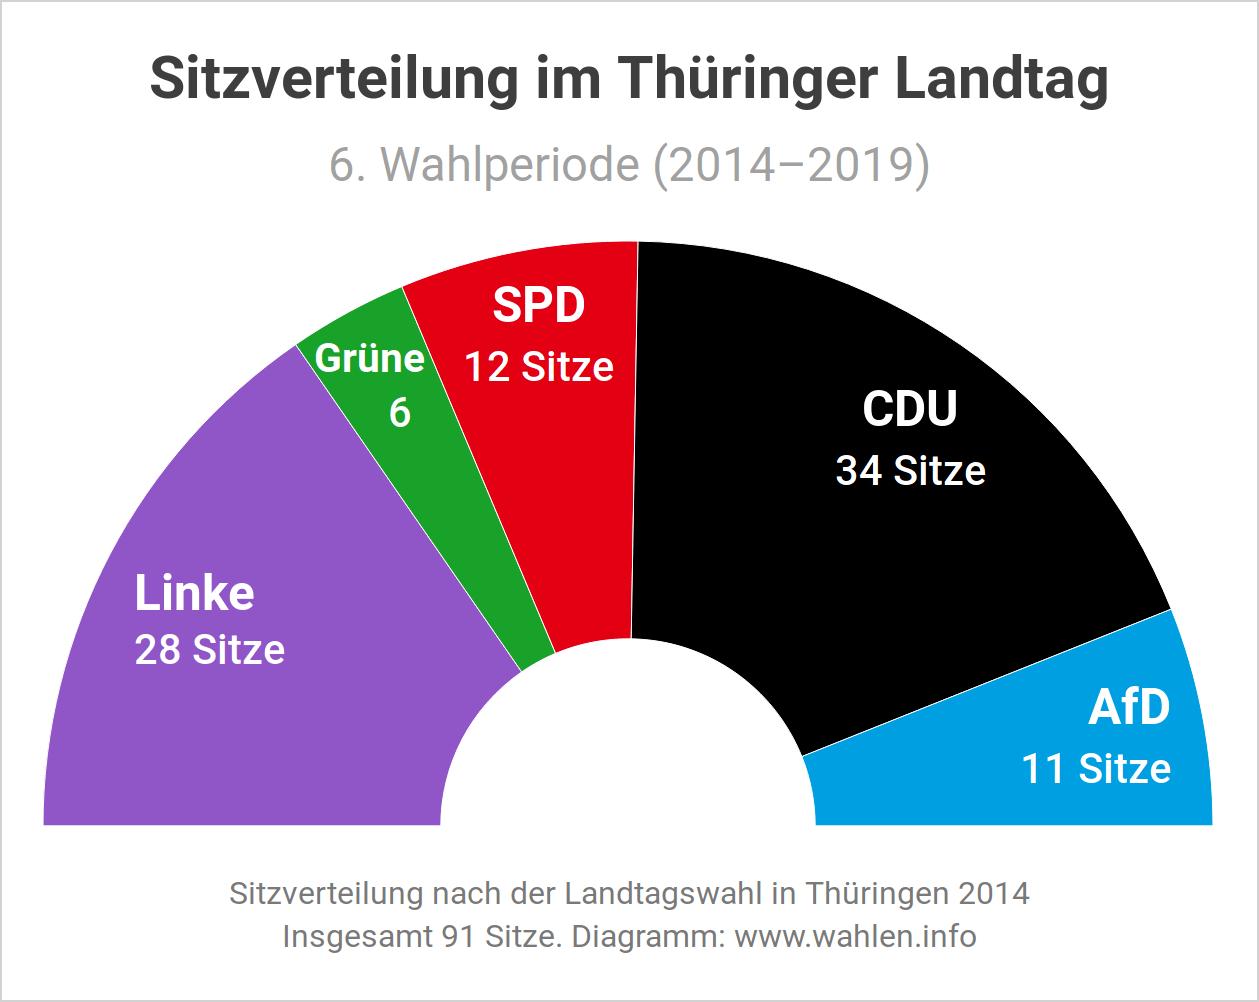 Landtagswahl in Thüringen 2019 - Sitzverteilung und Sitzordnung im Landtag (Ausgangslage)